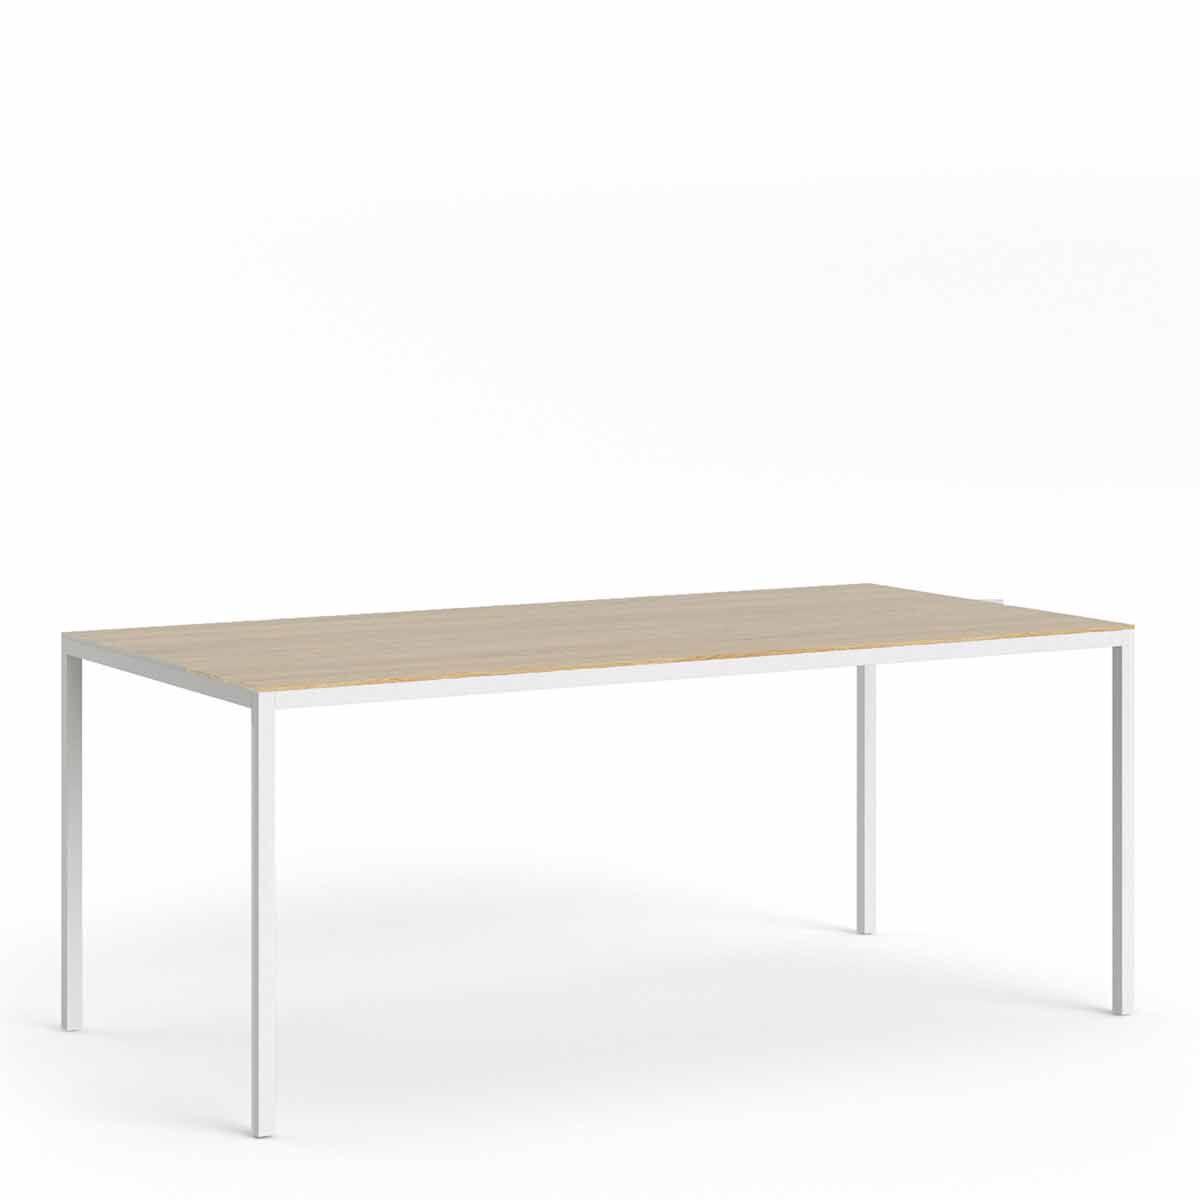 Multiuse Table 900 x 1800 White Light Oak